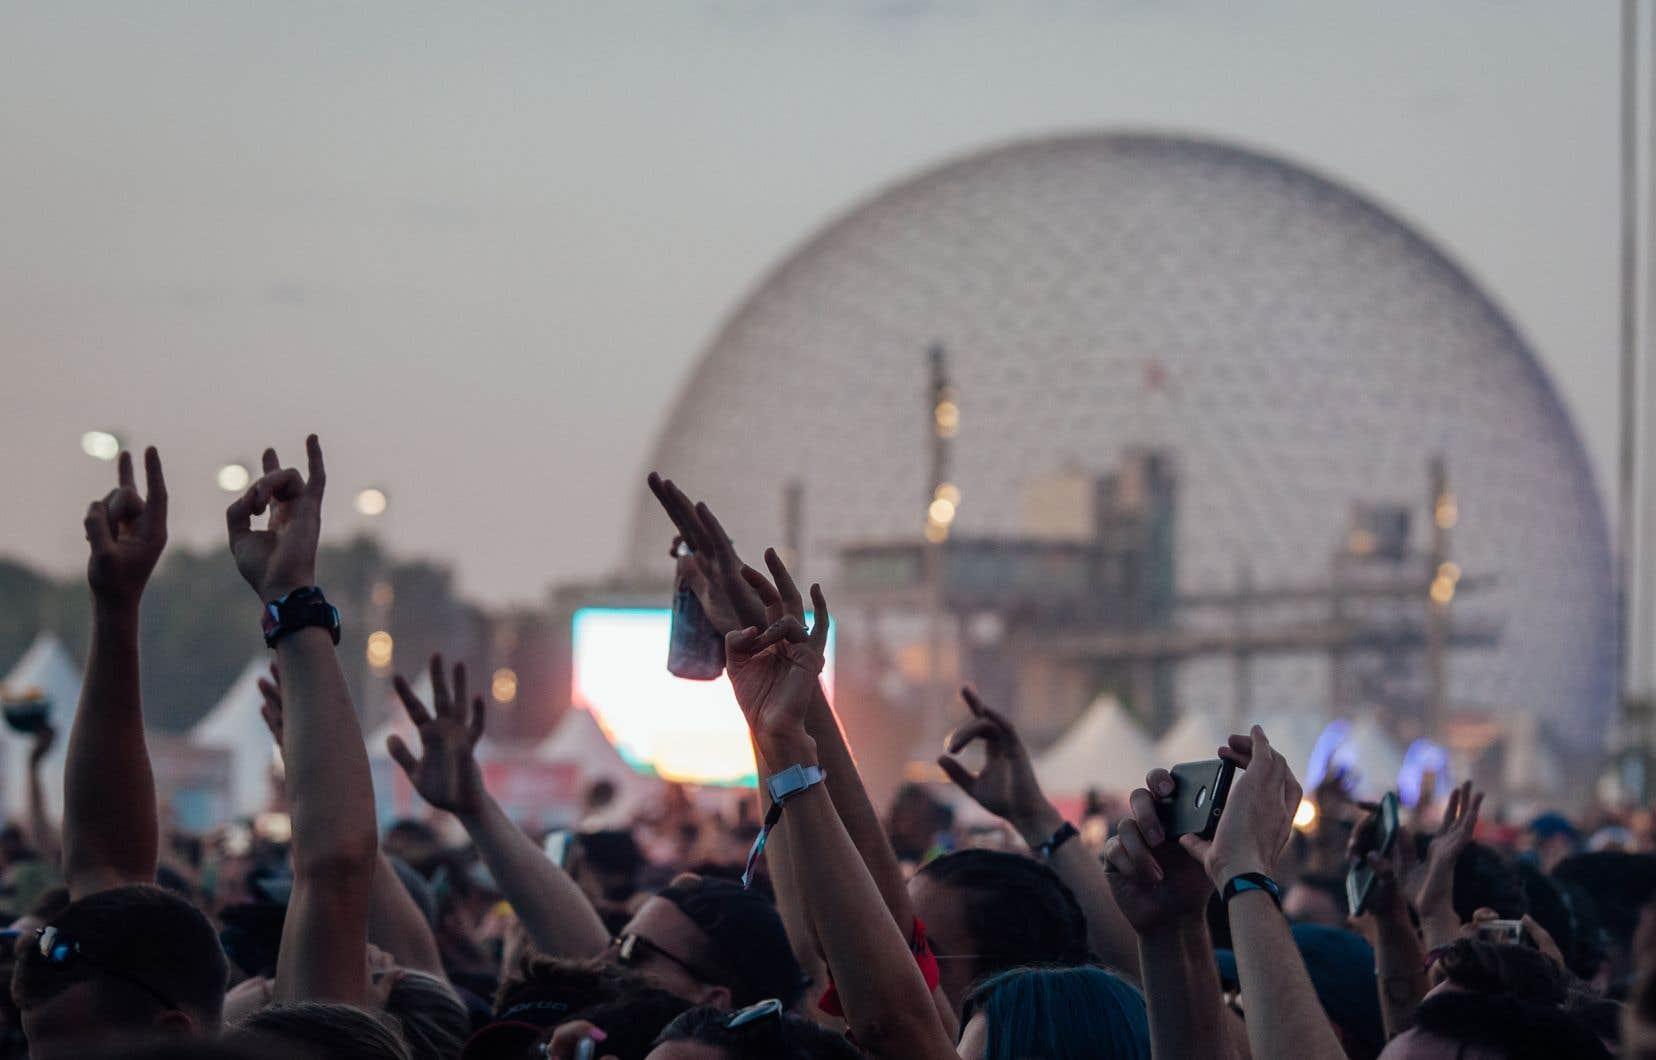 Le festival de musique Osheaga devrait toutefois être de retour l'an prochain pour enfin souligner son 15eanniversaire.